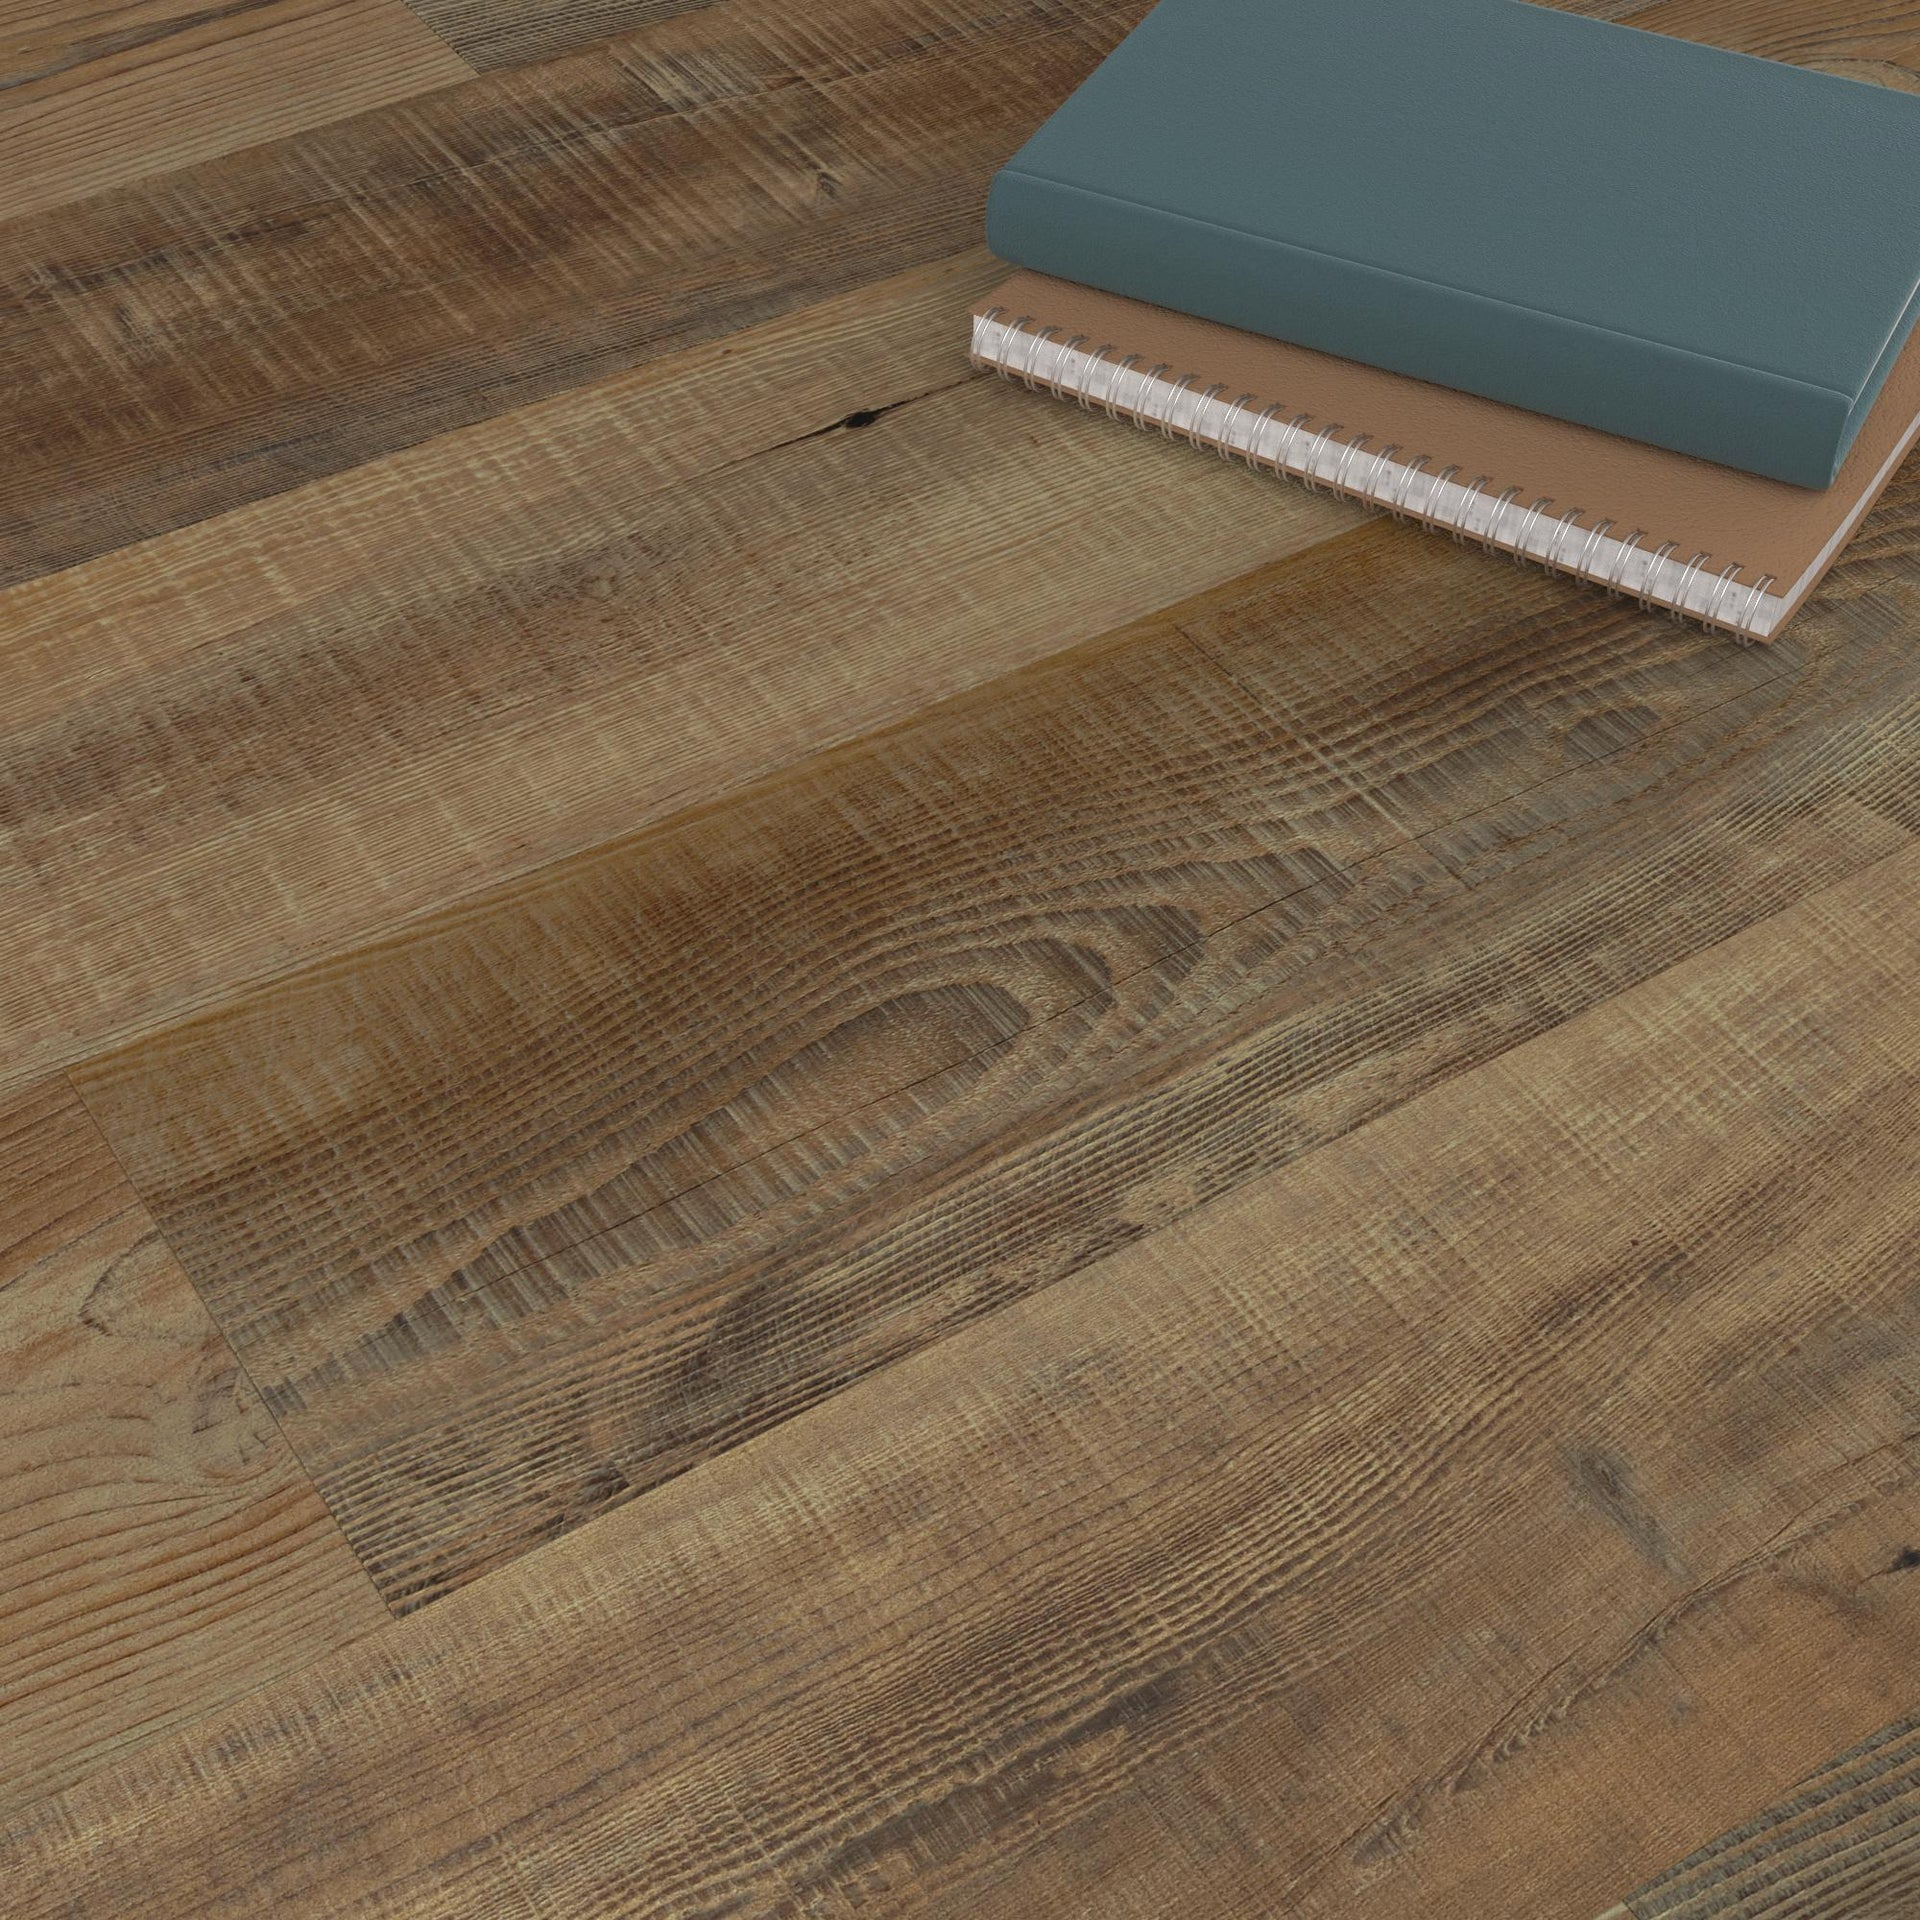 Pavimento PVC adesivo Tobacco Sp 2 mm marrone - 2